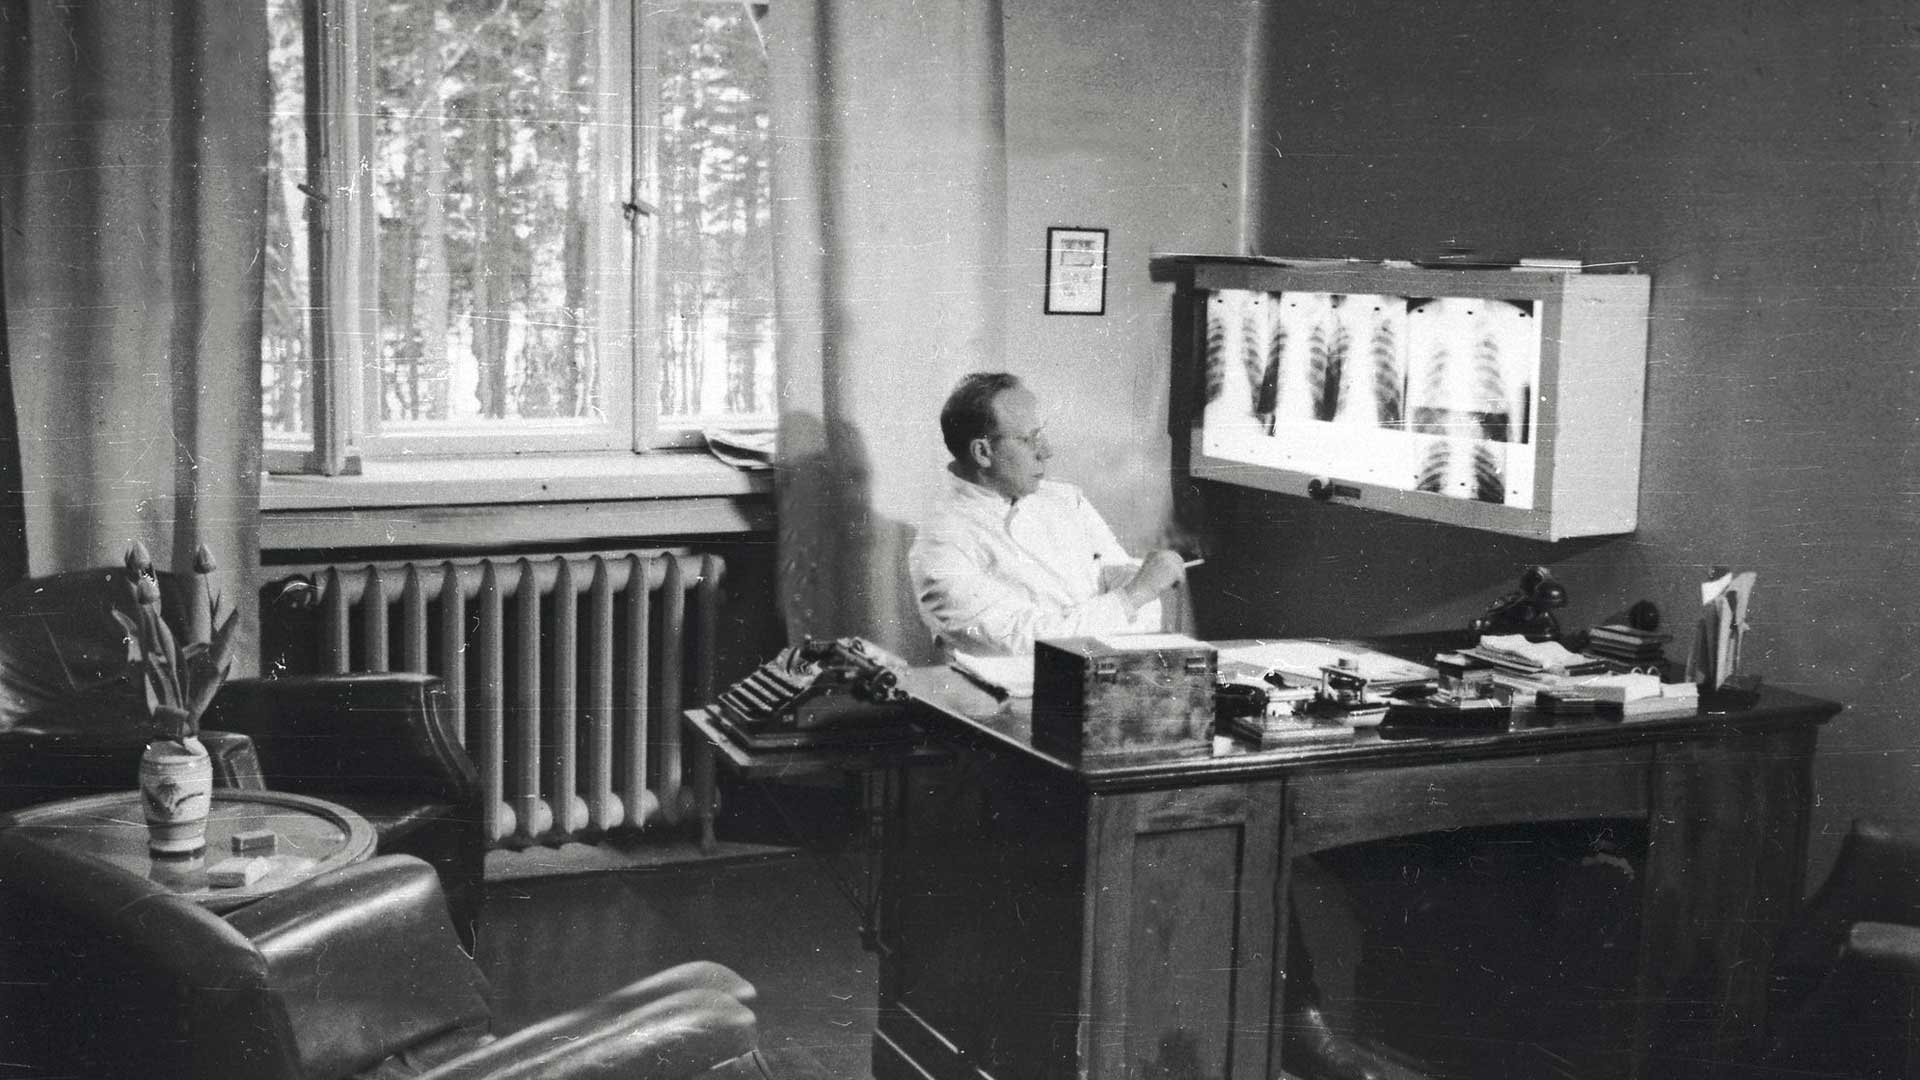 Takaharjun ylilääkäri Tor Blomqvist kansliassaan 1950-luvulla.